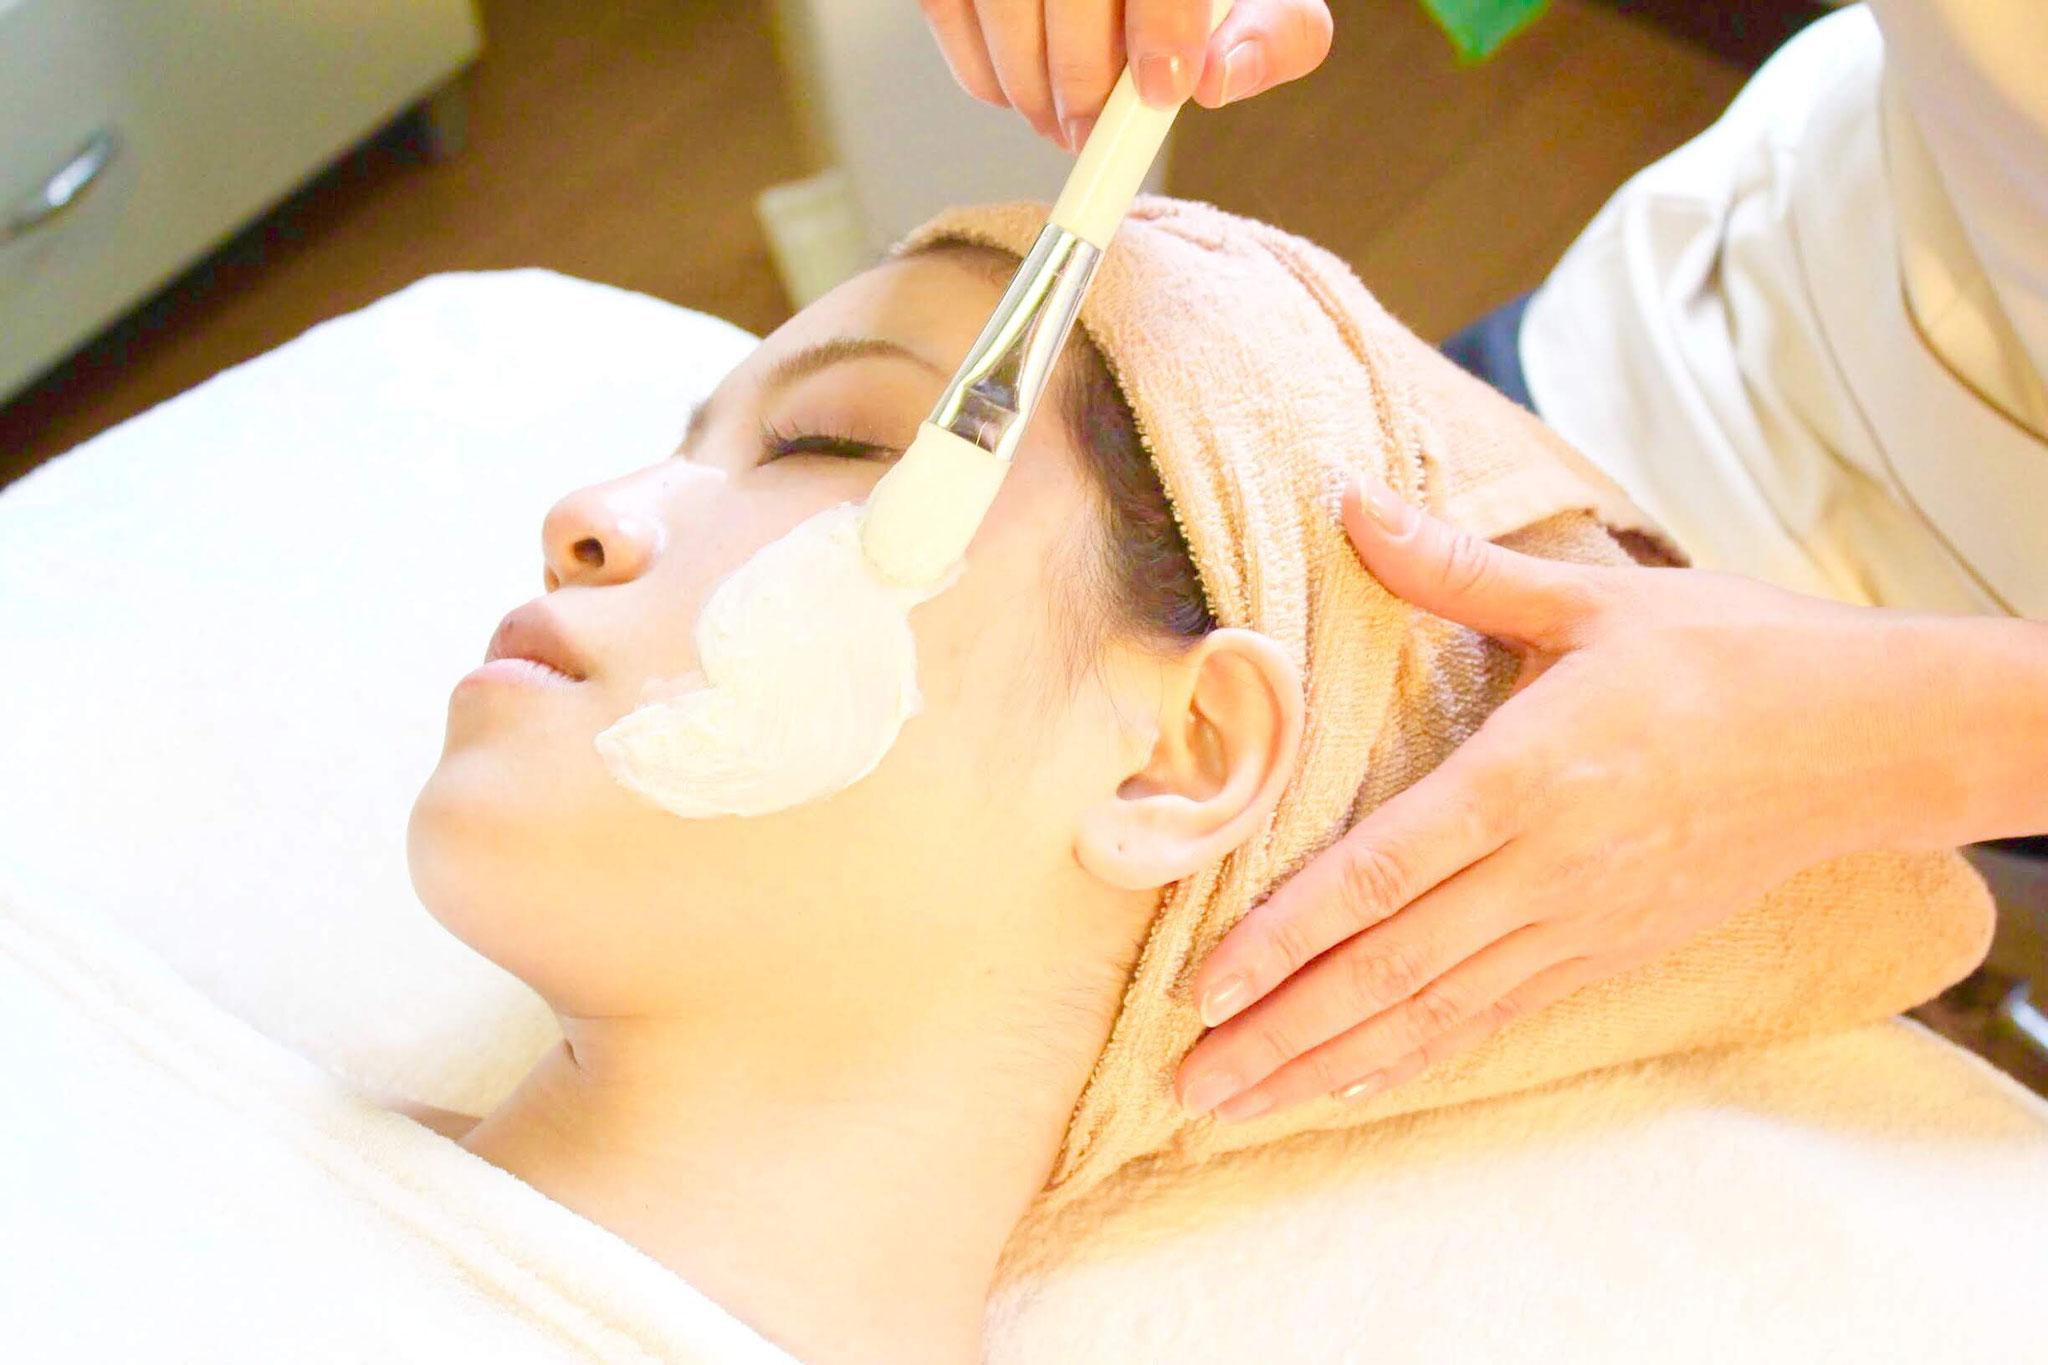 最後は引き締めやお肌に合わせた保湿パックでお肌を整えます